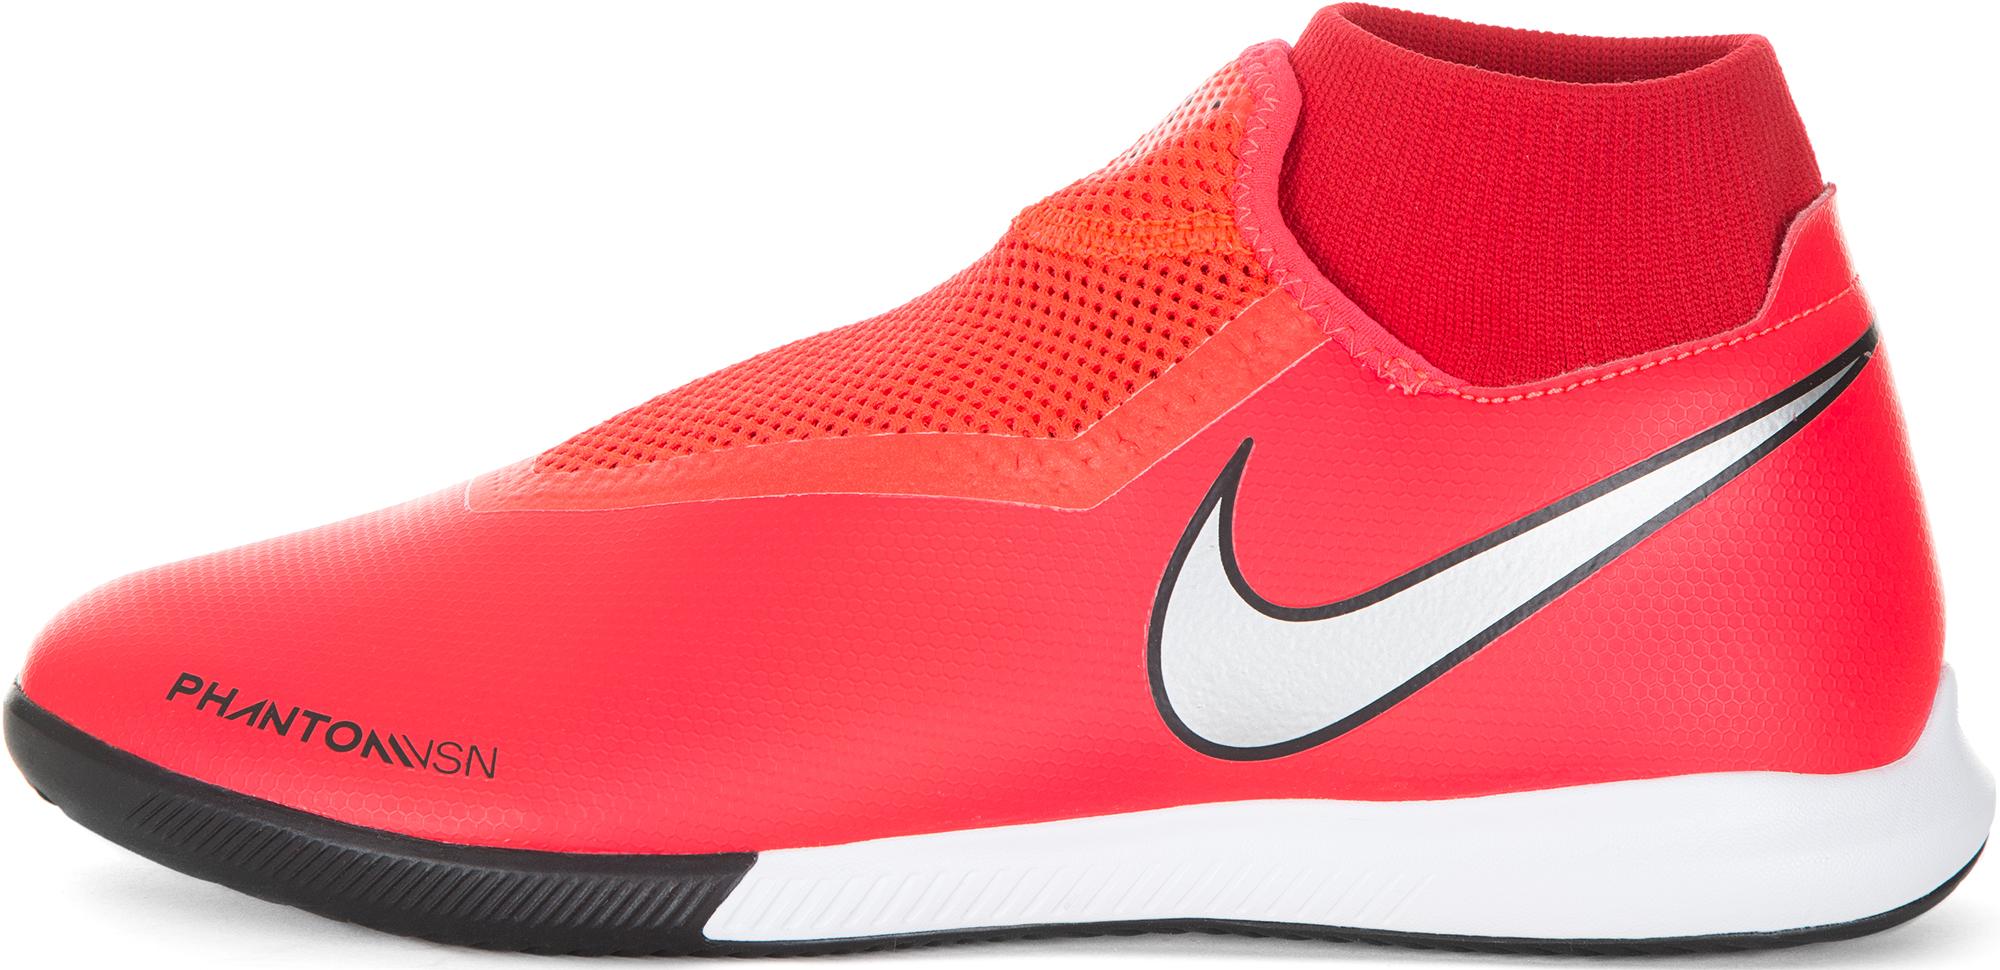 Nike Бутсы мужские Nike Phantom Vsn Academy DF IC, размер 44 nike бутсы мужские nike phantom vsn academy df fg mg sr размер 45